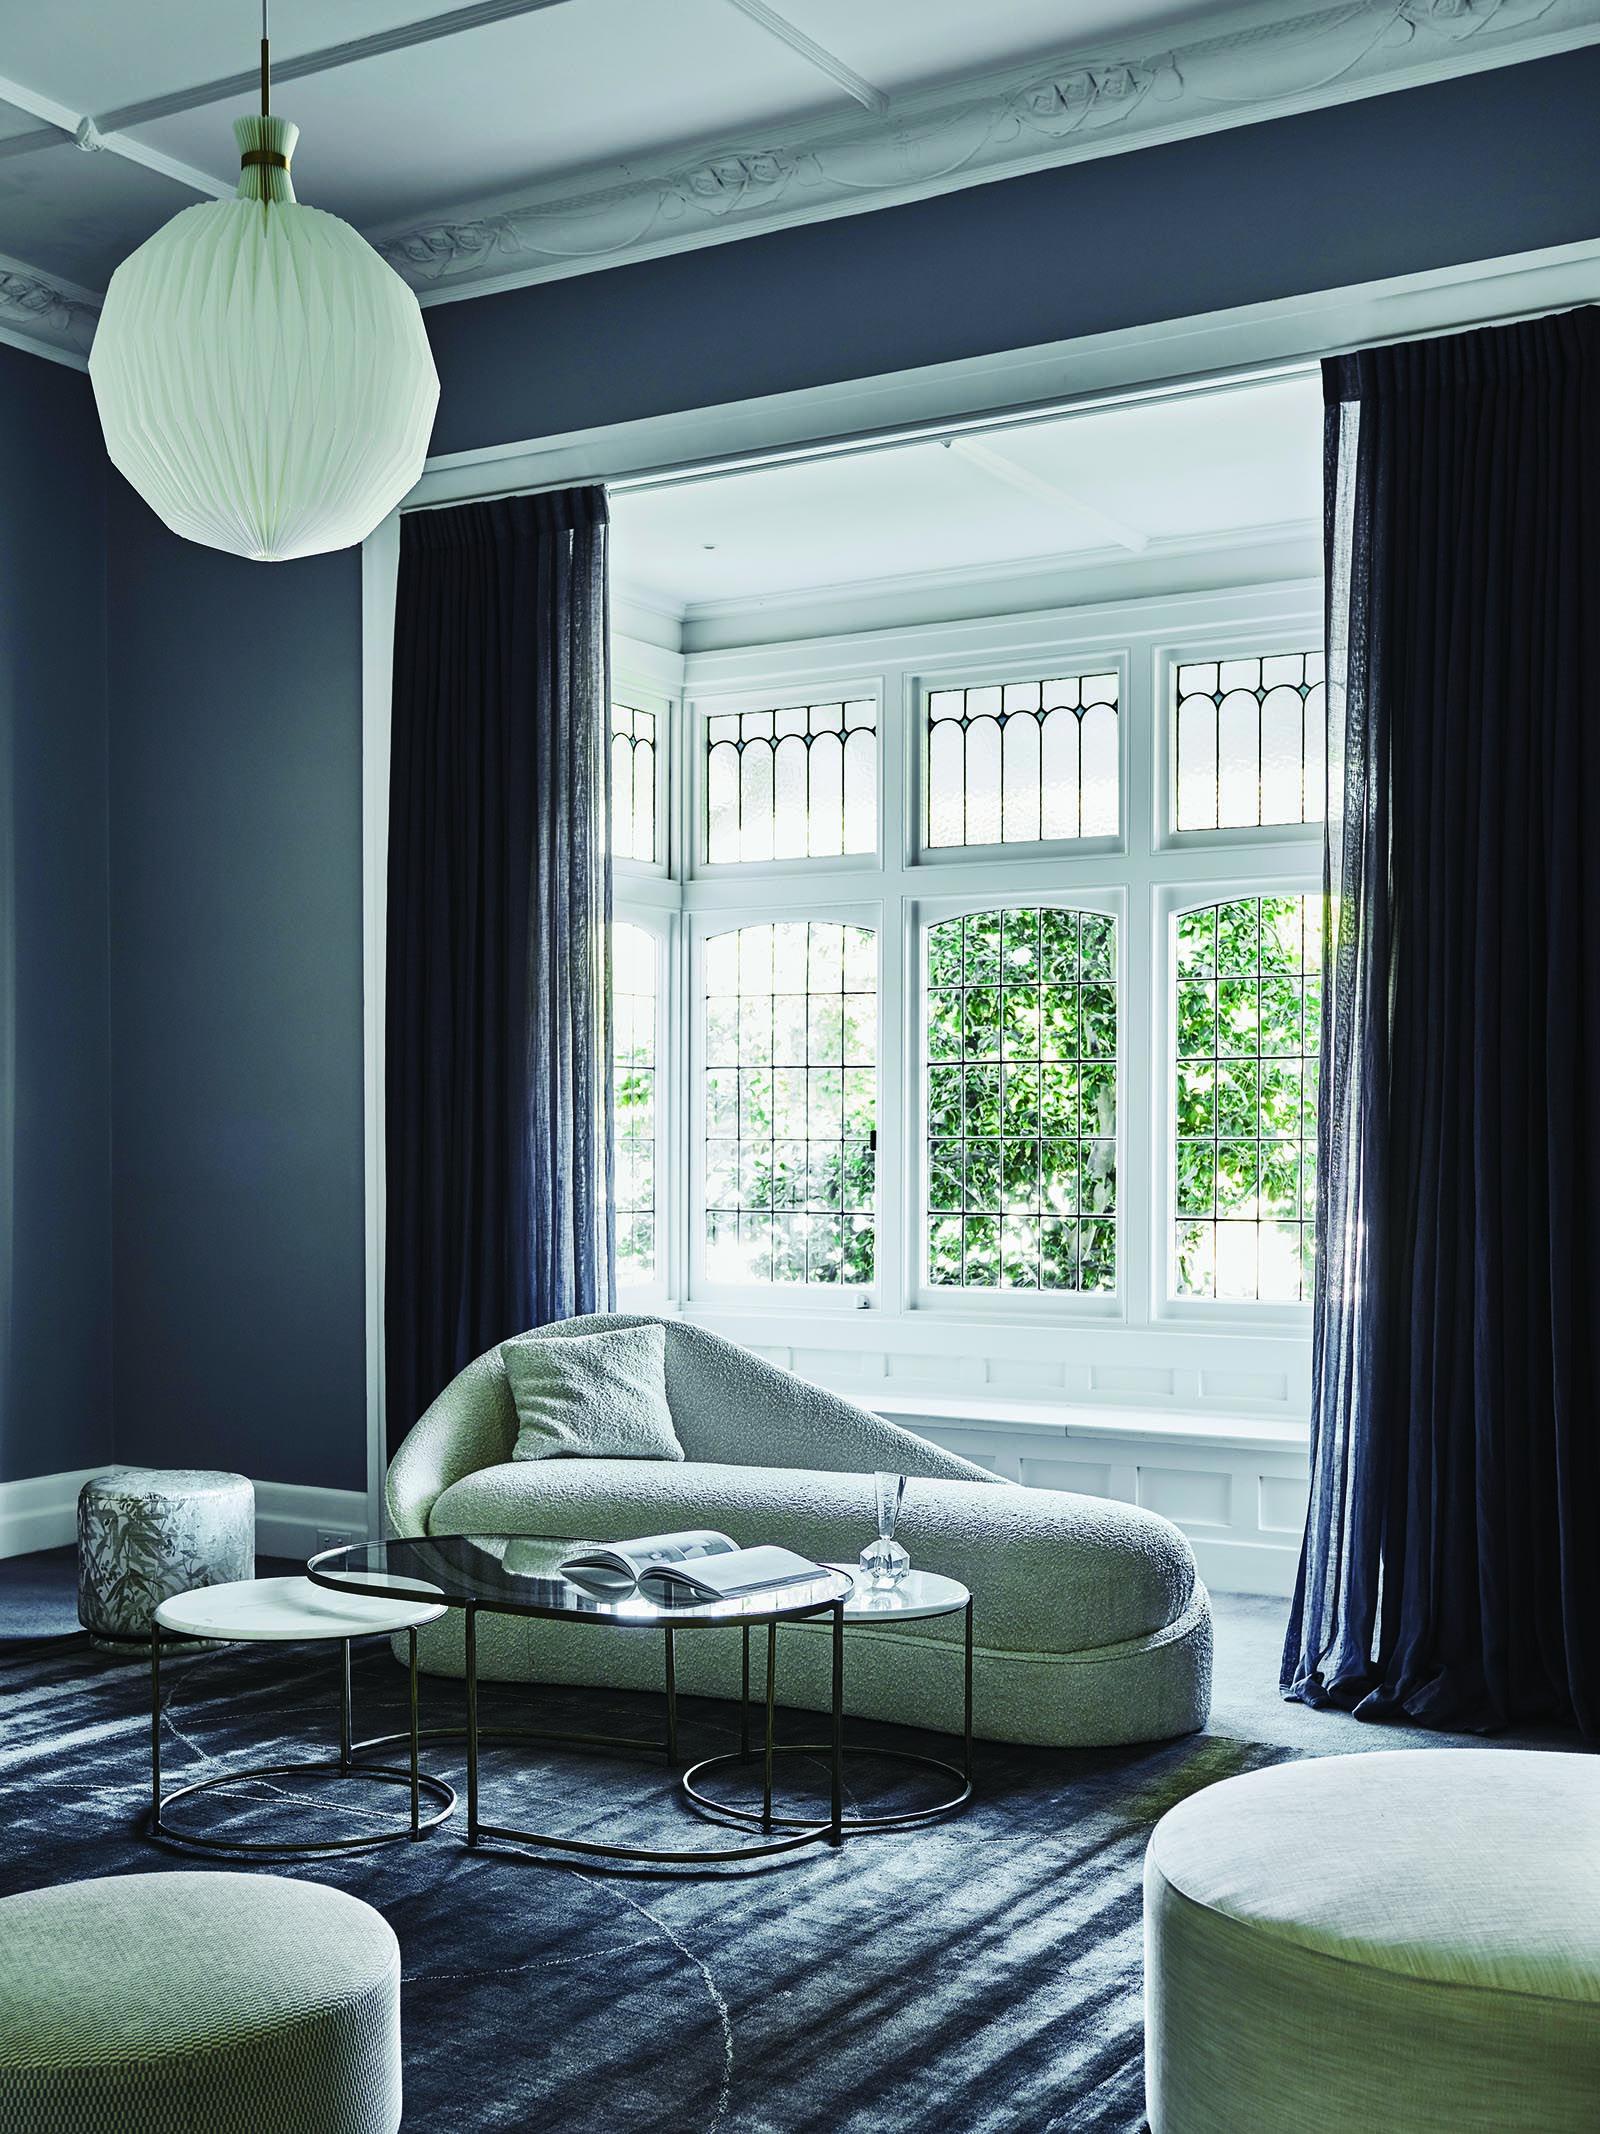 The 2020 Interior Design Trends Set To Transform Your Home Home